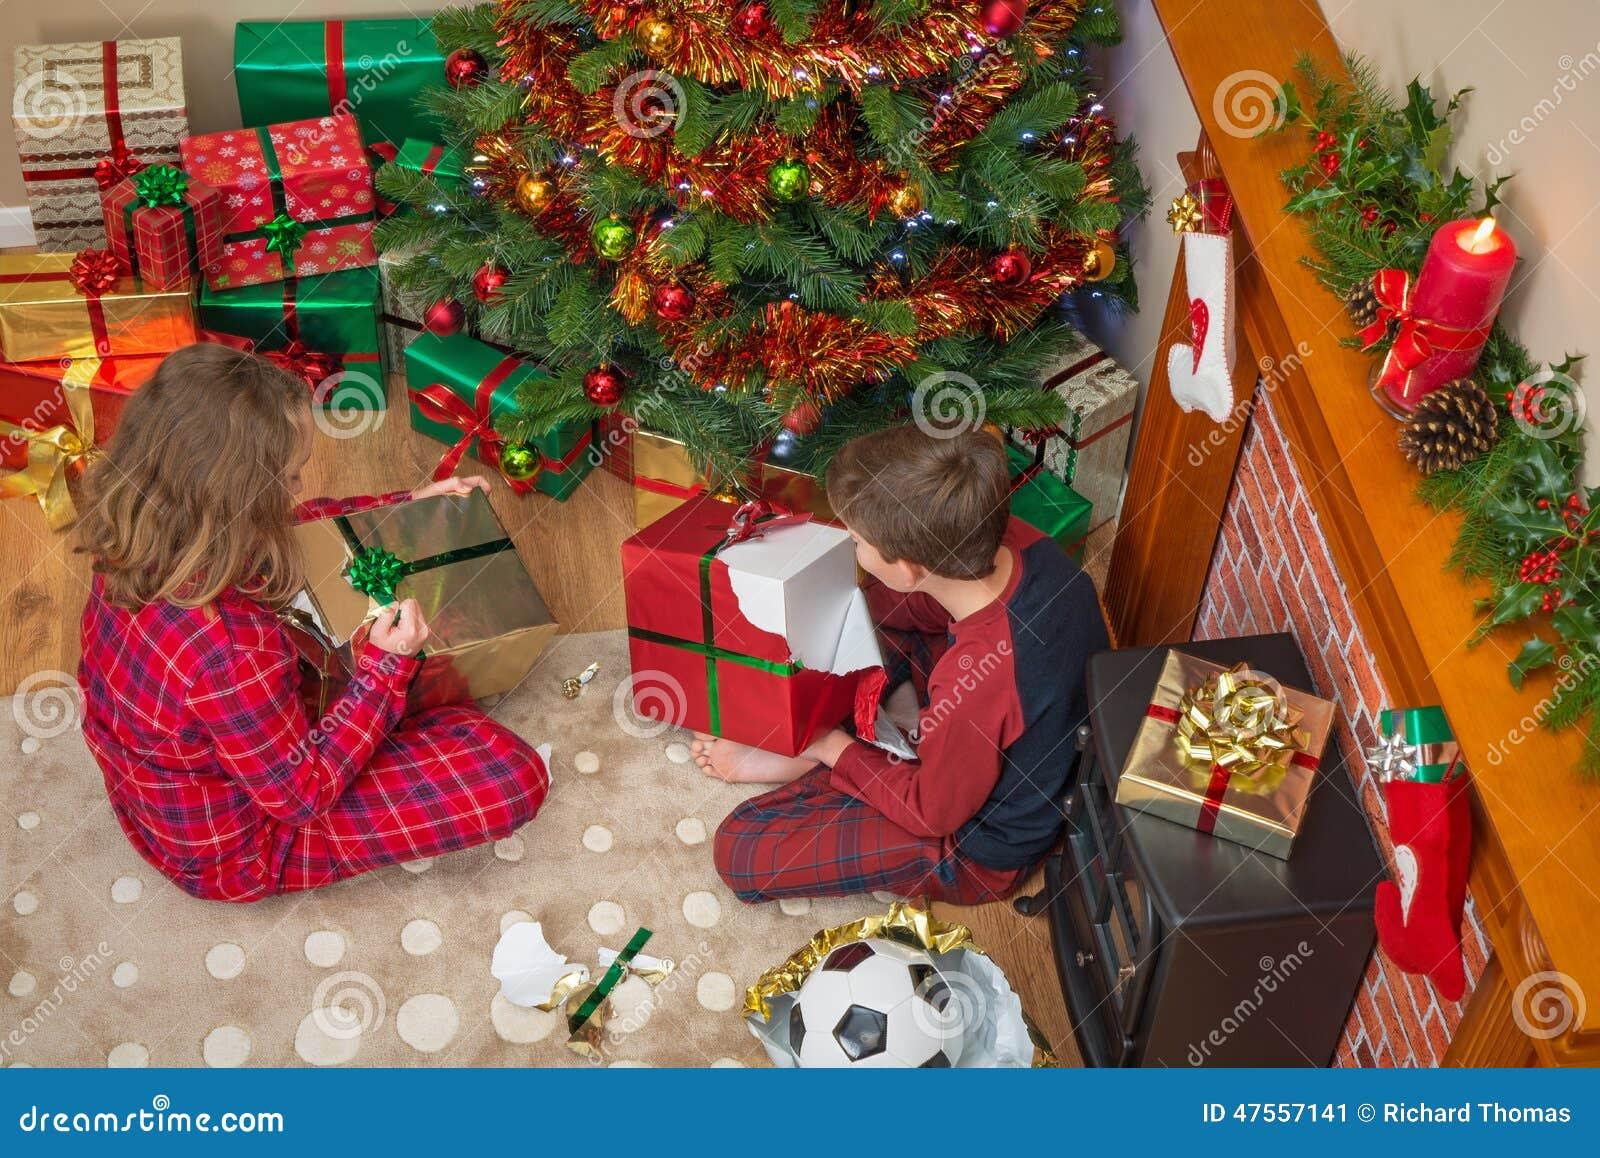 Kinder, Die Weihnachtsgeschenke Auspacken Stockbild - Bild von ...